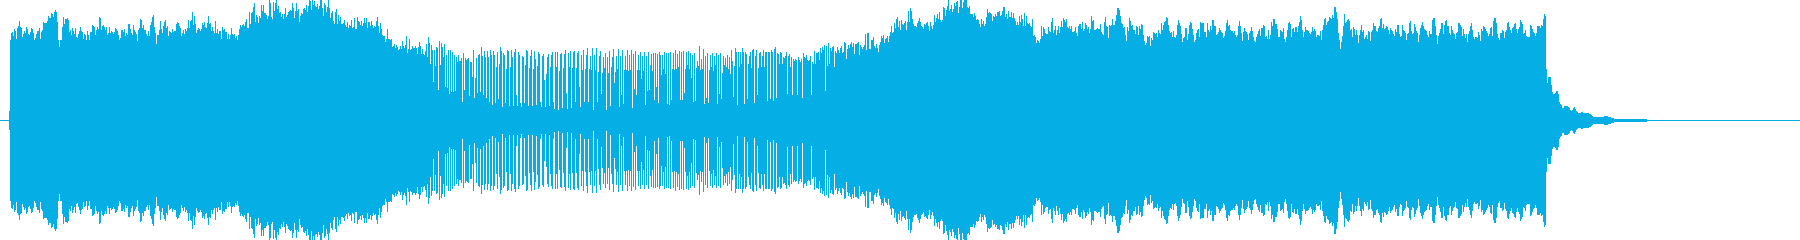 ピィーーーーーーーン(下降→上昇)の再生済みの波形